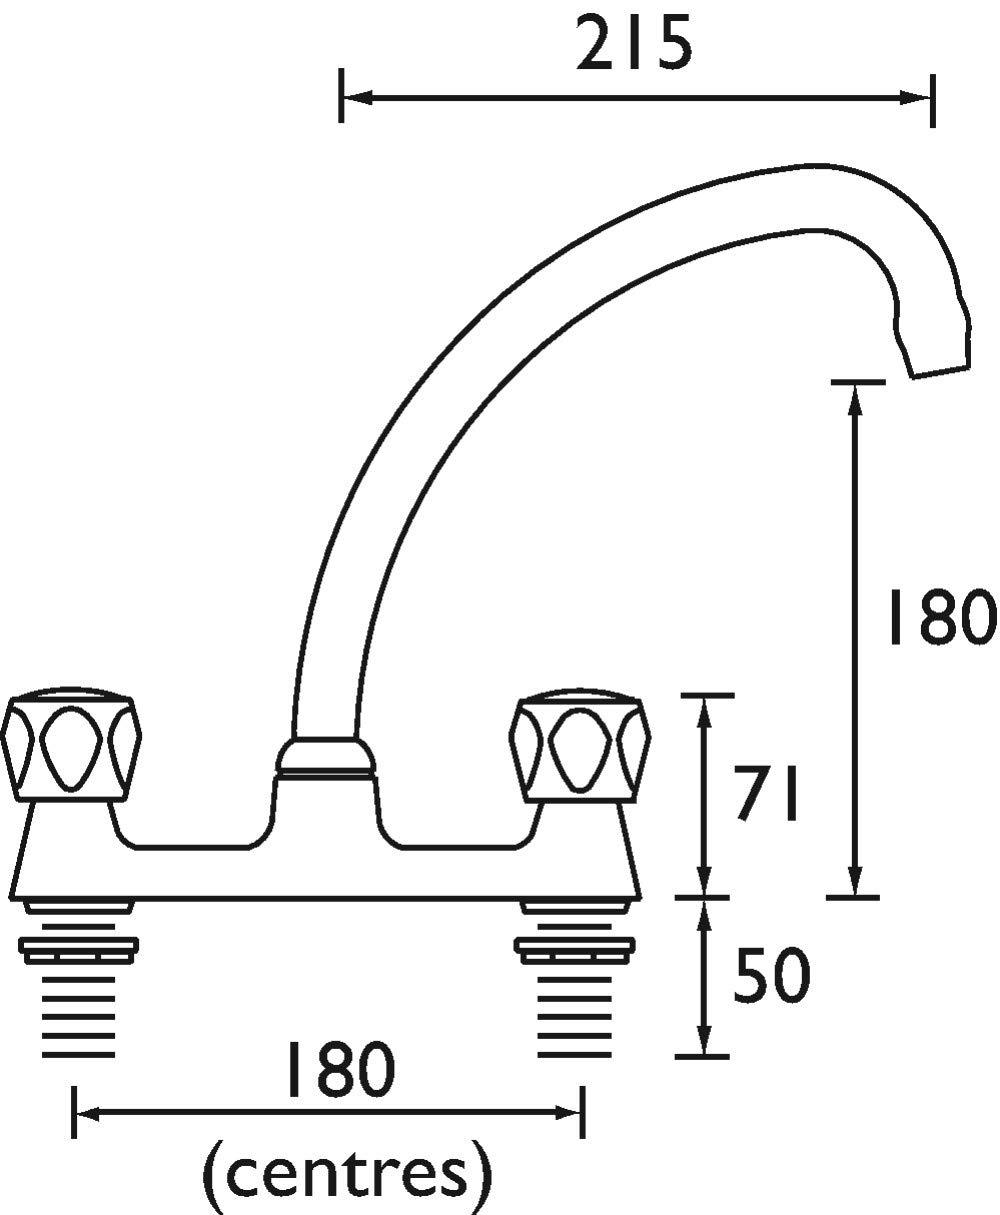 Bristan VAC-jarretelles pour BDSM//C MT Club Budget Deck Mitigeur lavabo chrom/é avec t/êtes en m/étal